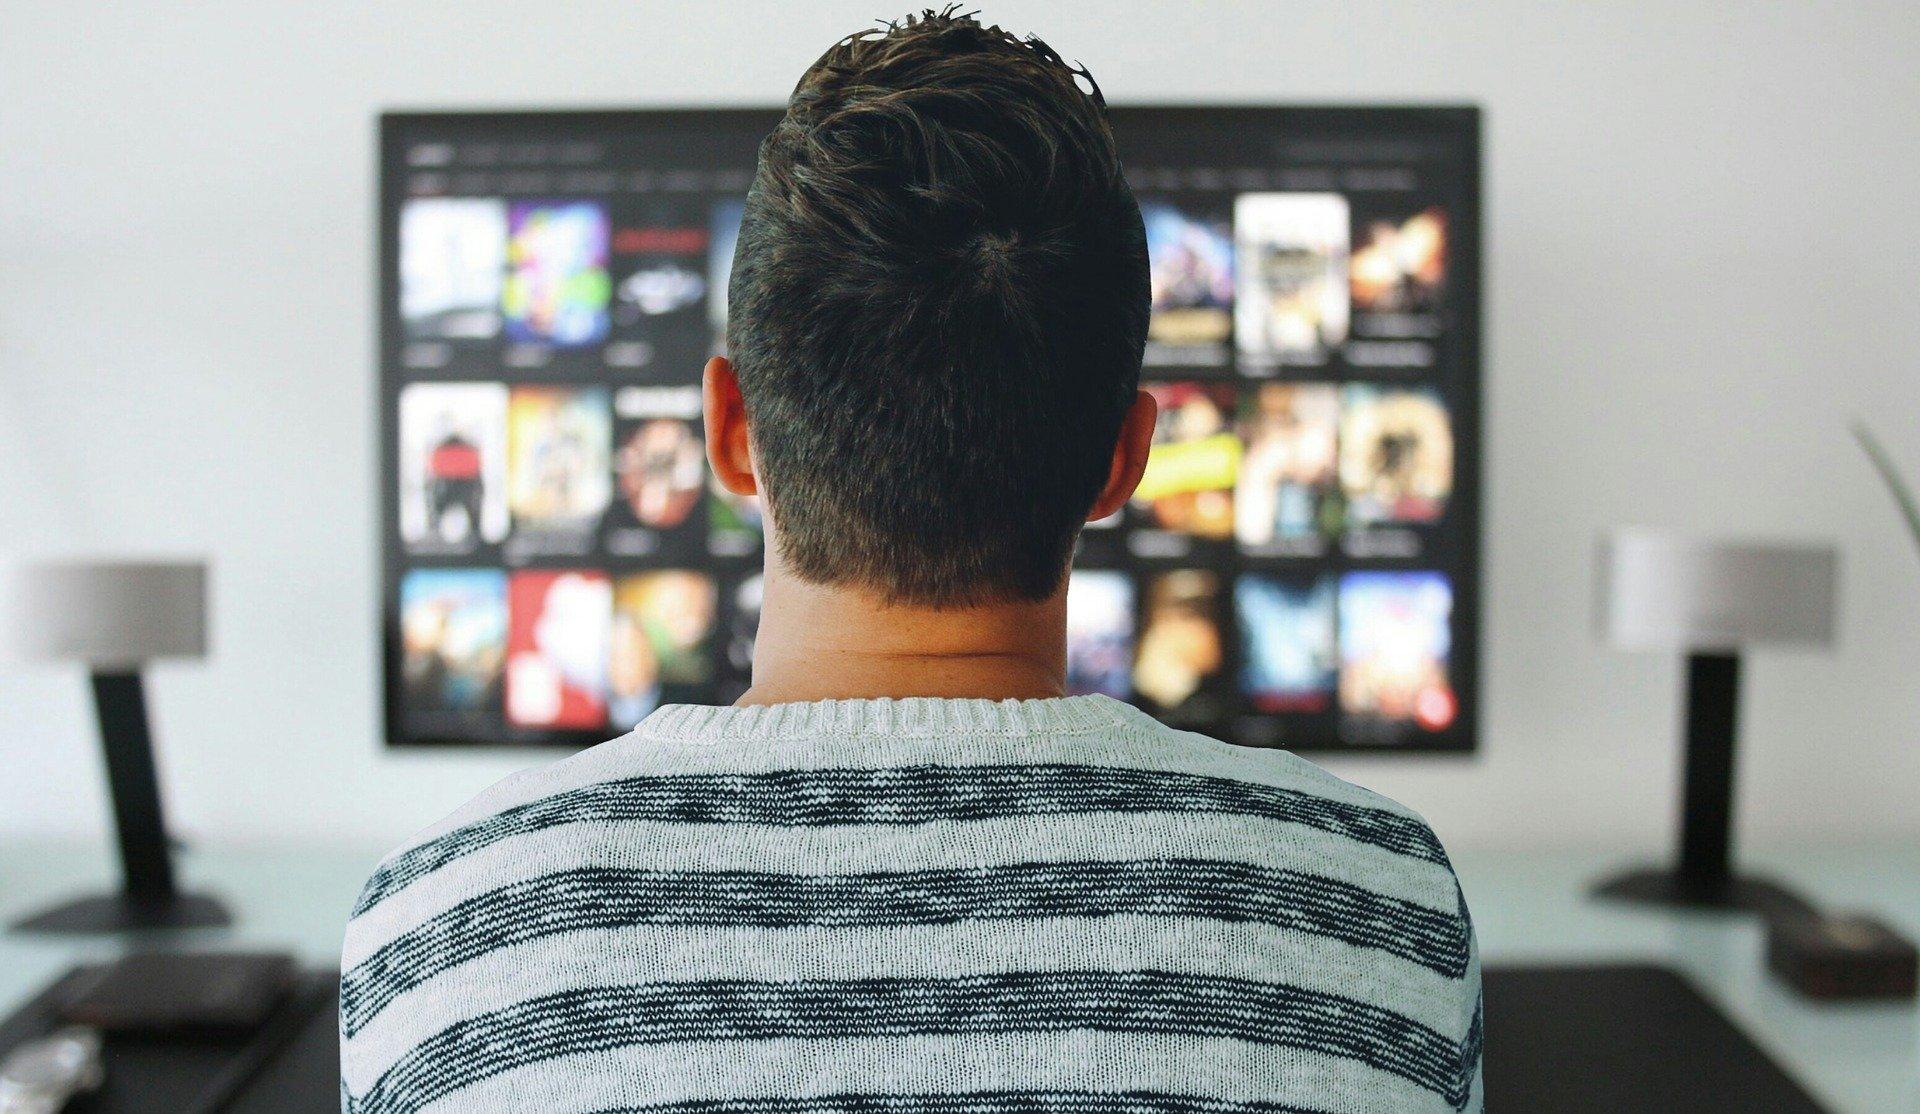 私は動画ではなくテレビ派